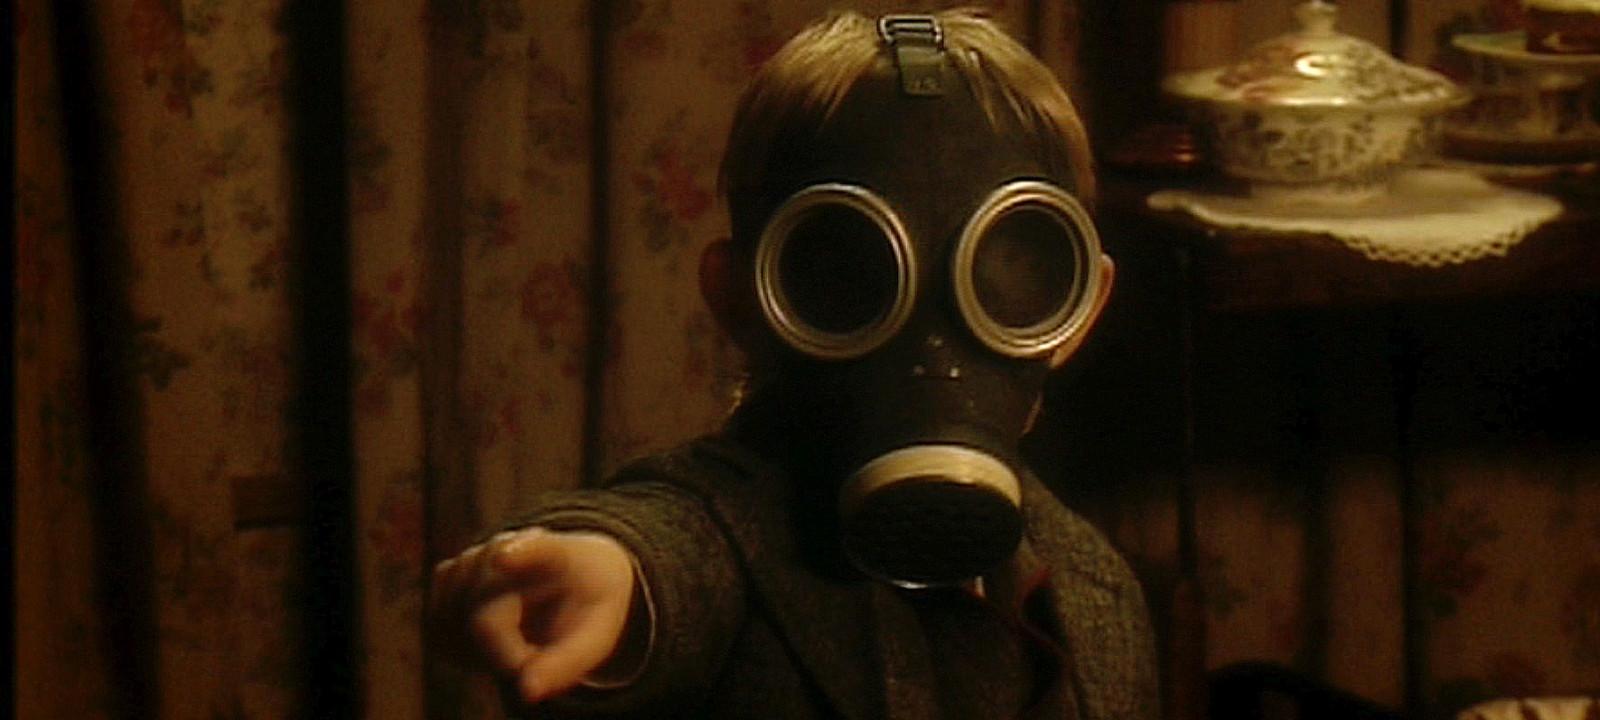 'The Empty Child' (Photo: BBC)